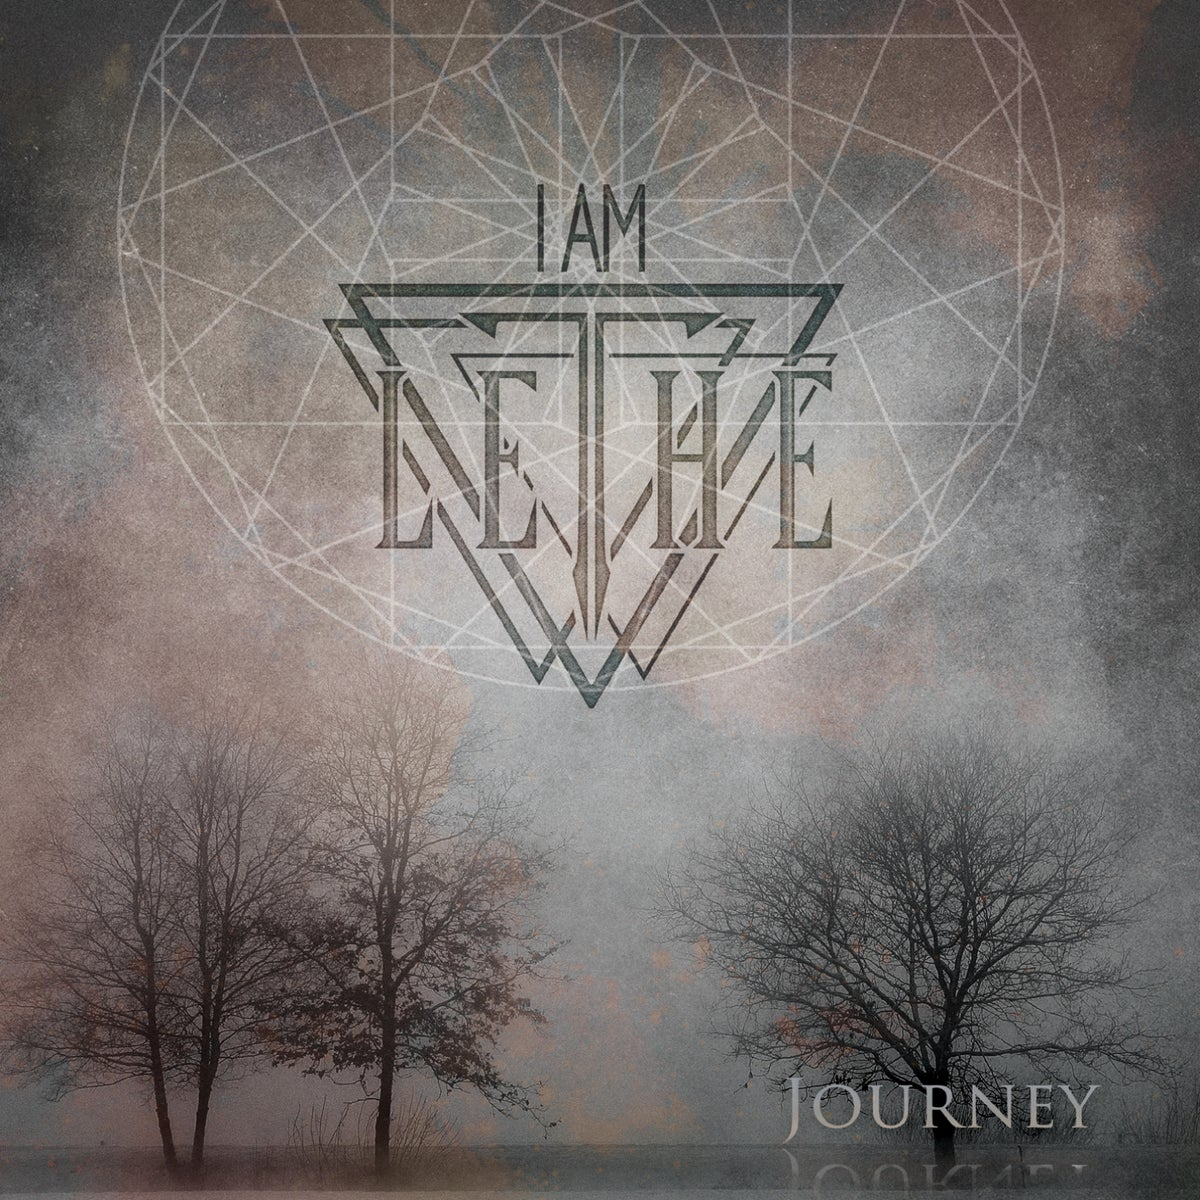 Image of I AM LETHE - Journey